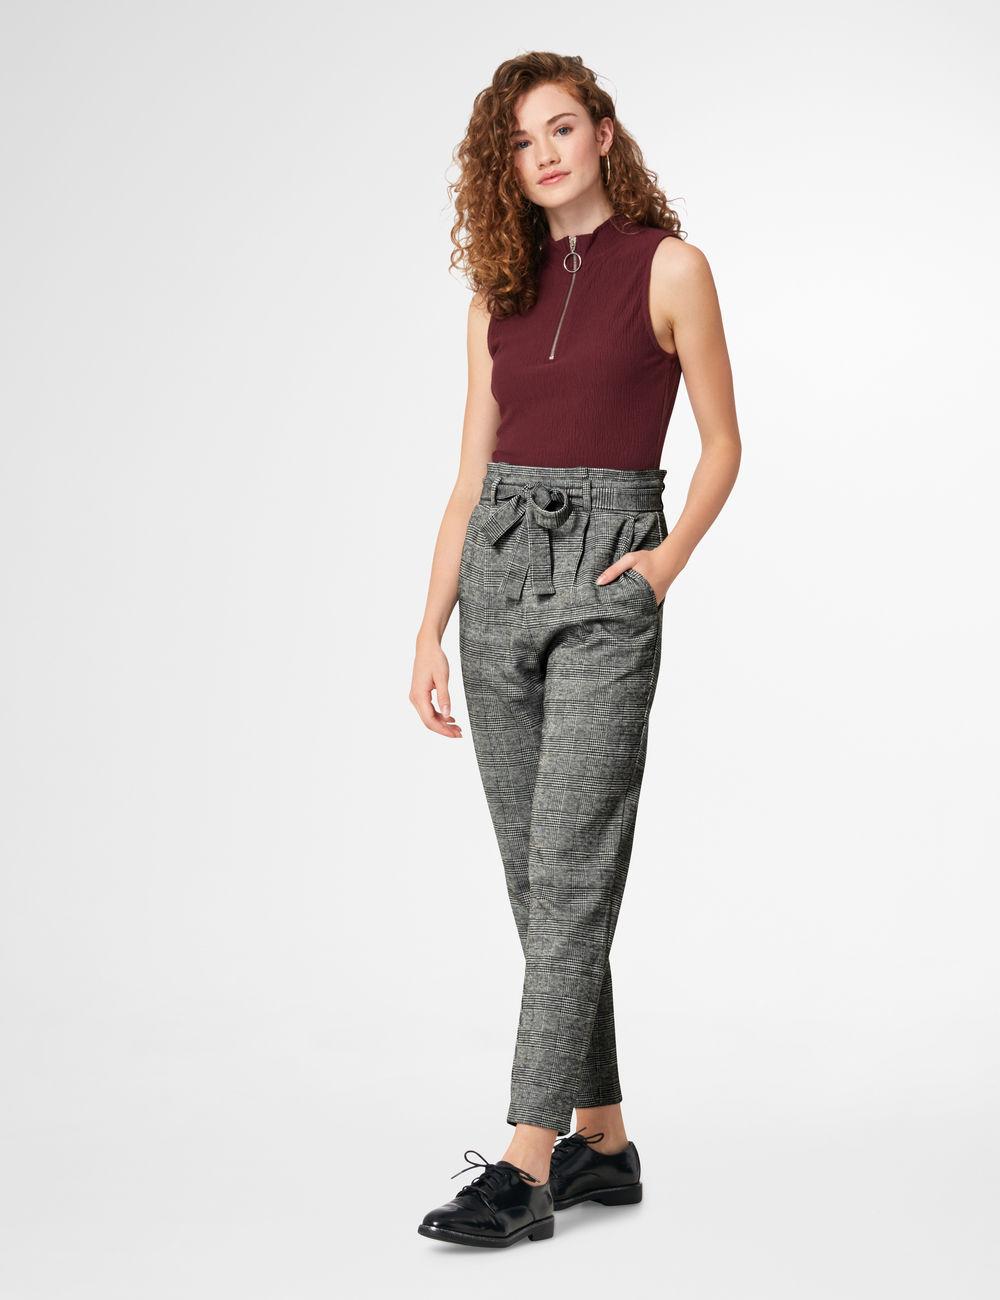 pantalon prince de galles noir et gris Jennyfer prix 19,99 €